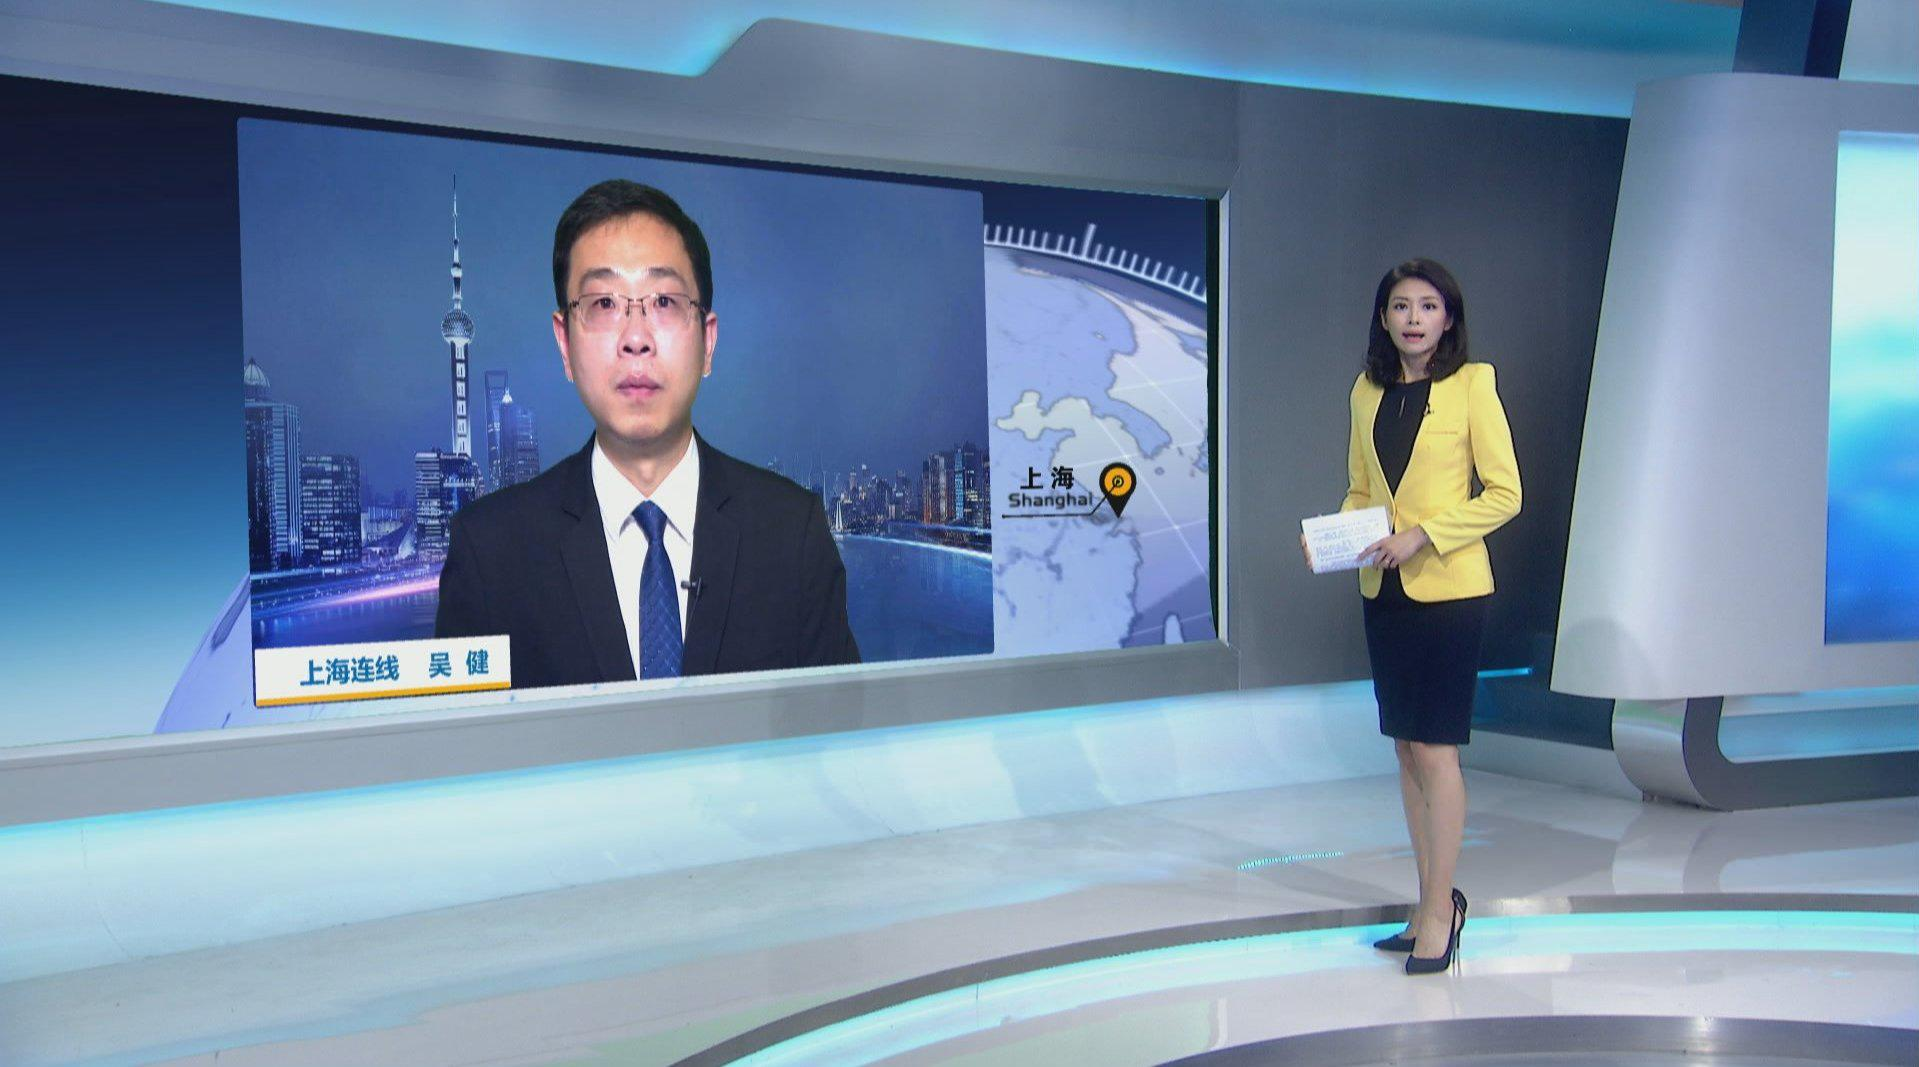 吴健连线: 黑客凭啥掐断美东油气管引发紧急状态